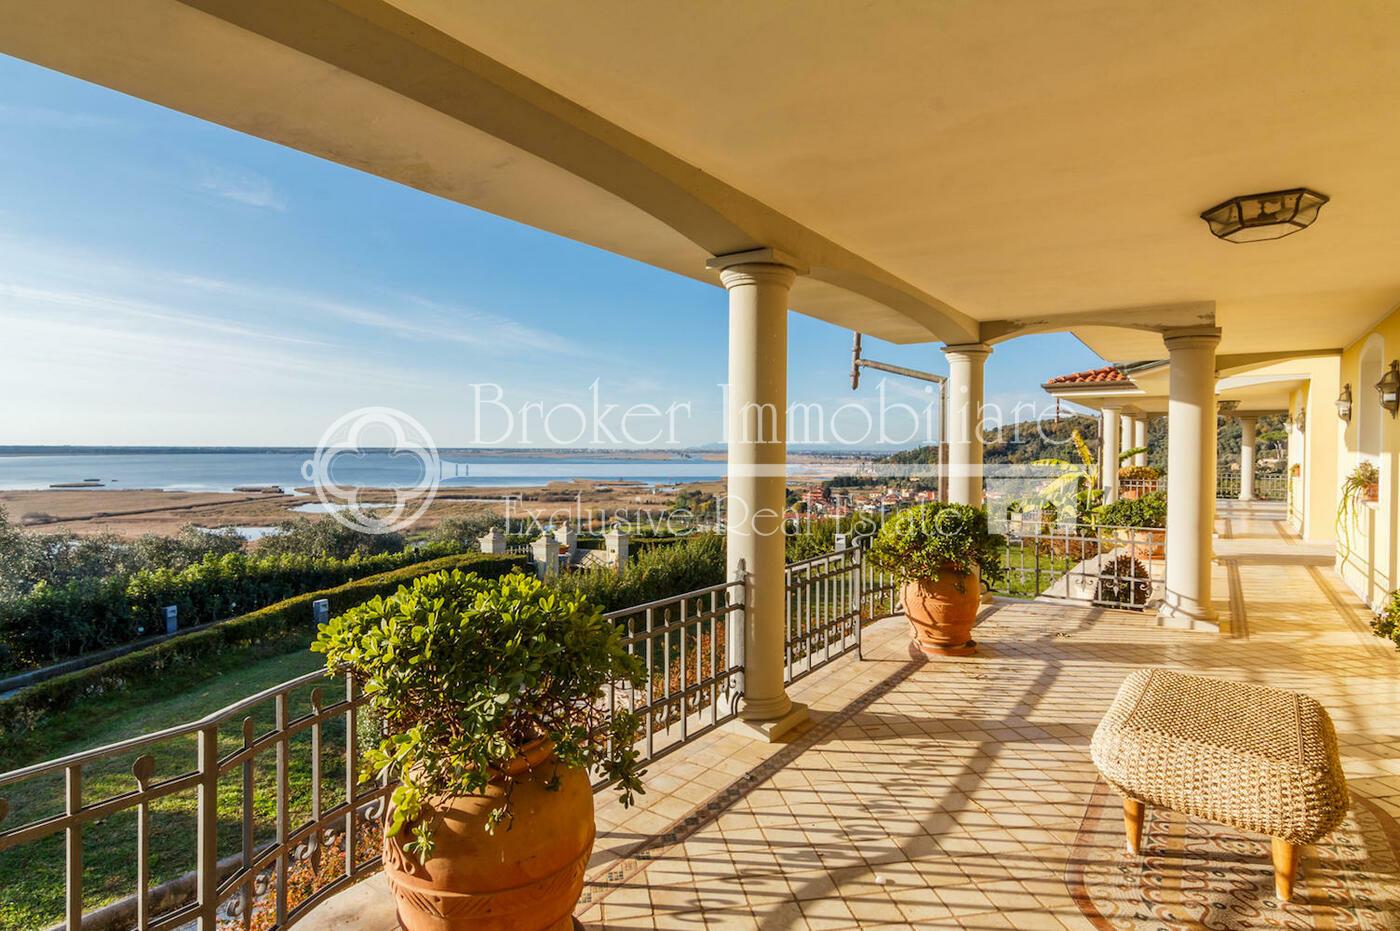 Villa in vendita in Versilia con stupenda vista lago e mare a Massaciuccoli